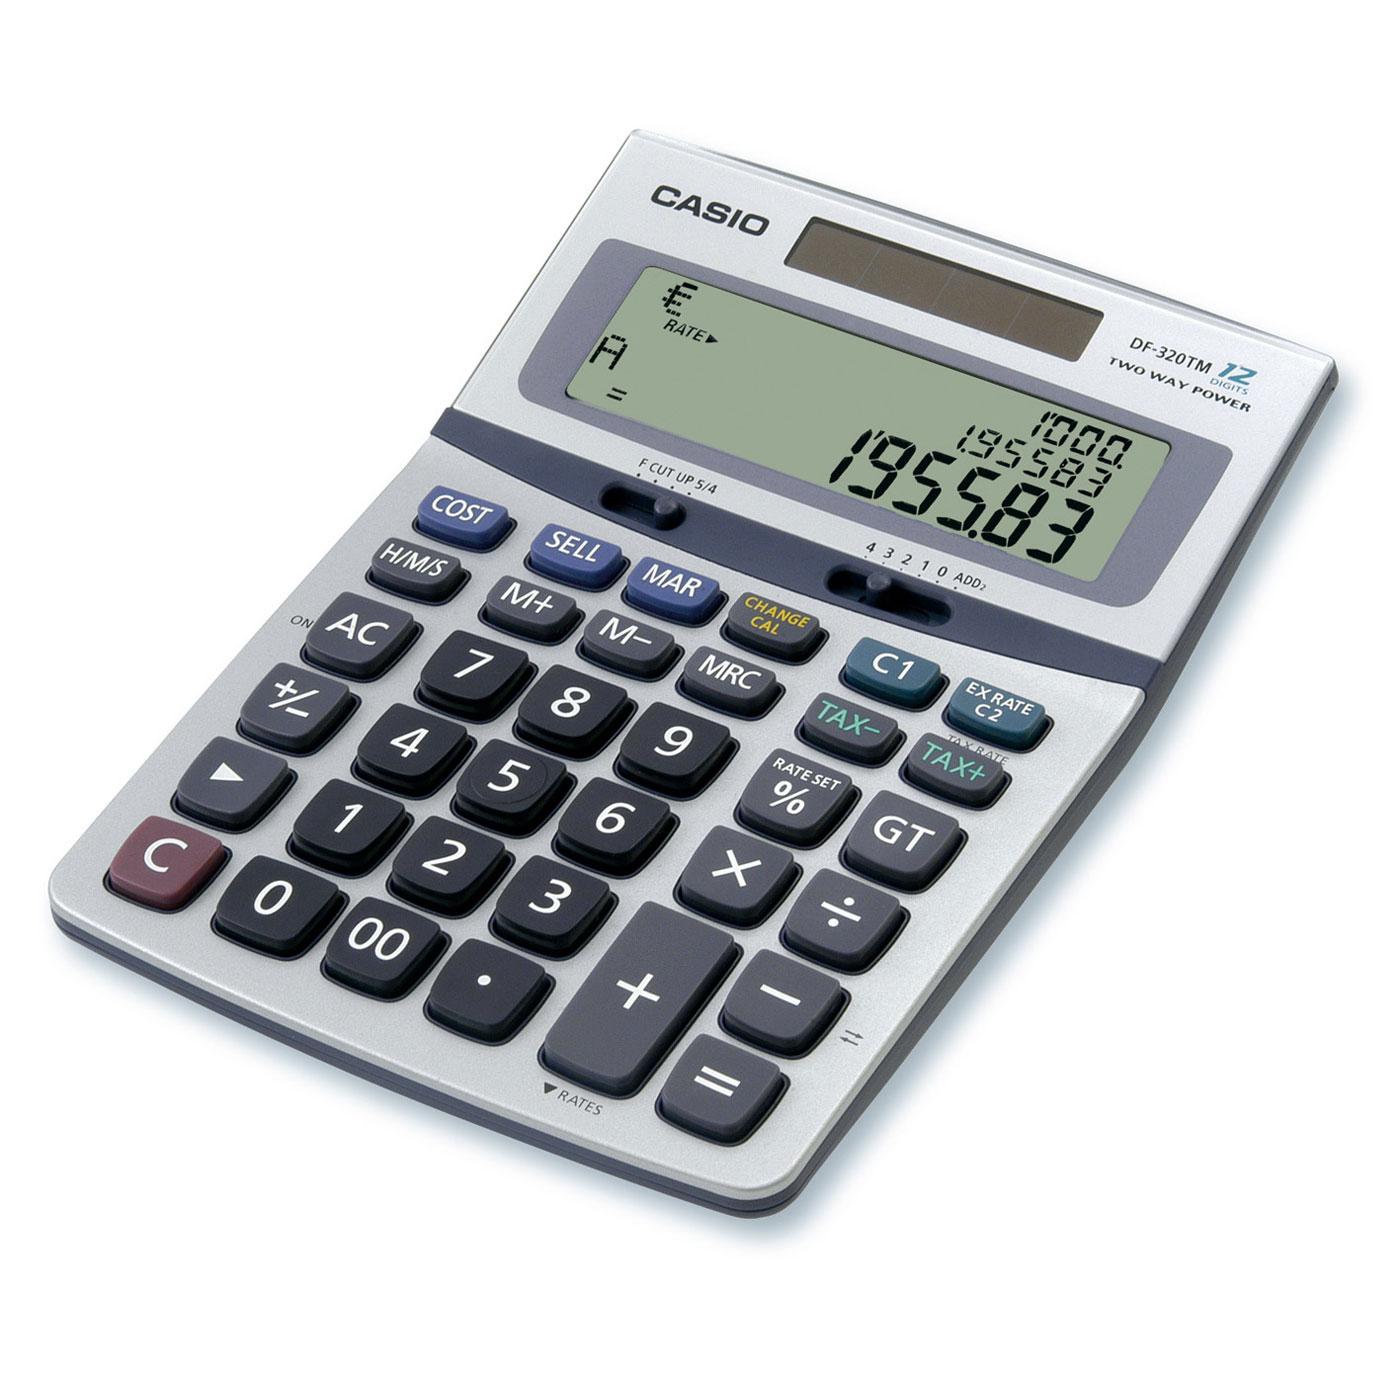 Casio DF 320TM Calculatrice De Bureau Calculatrice